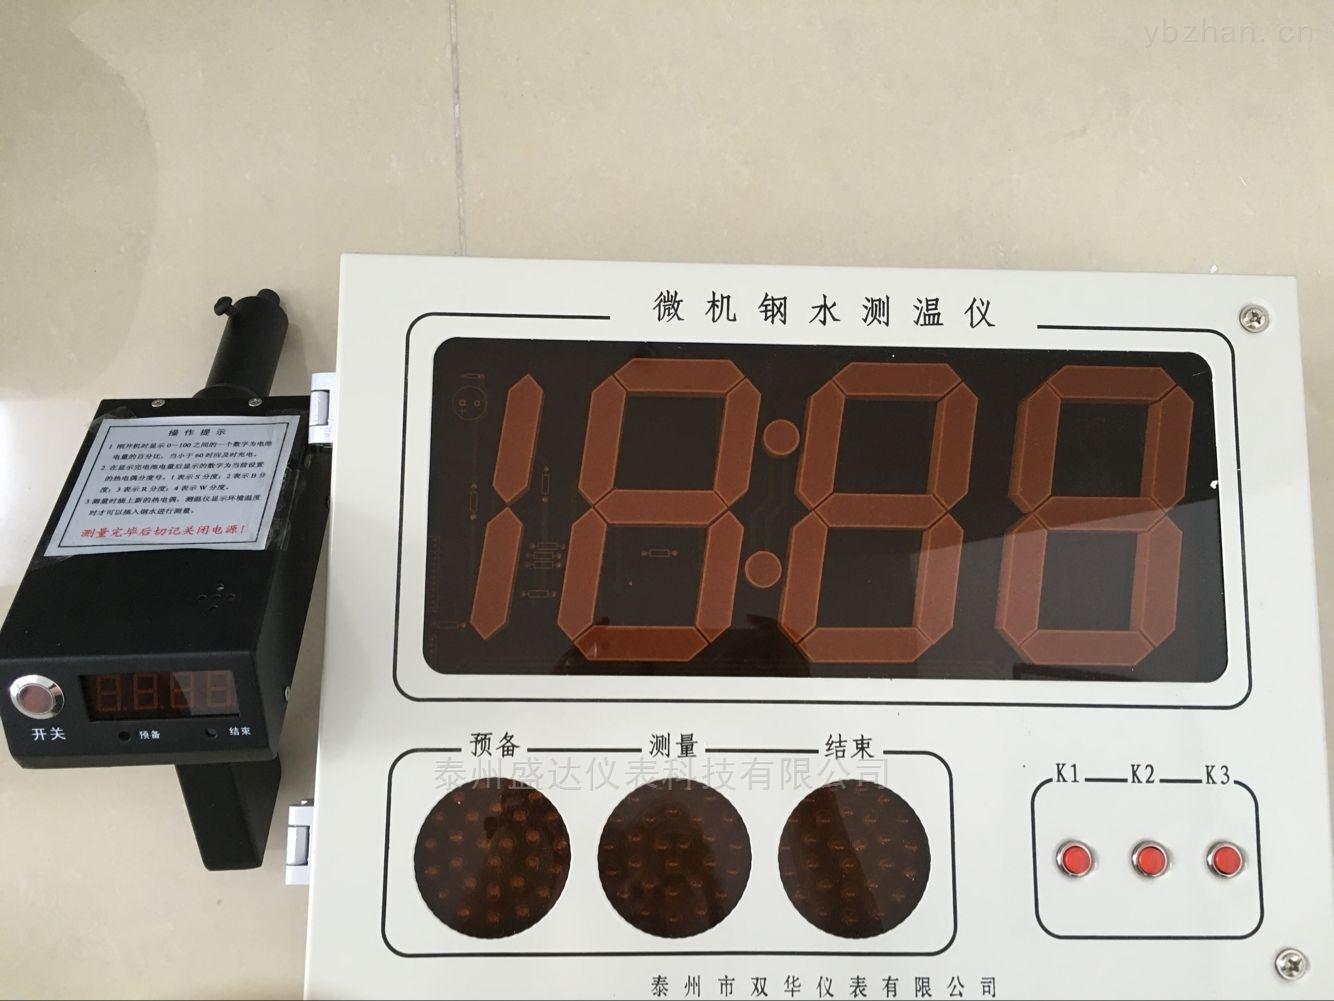 钢厂专用壁挂式大屏幕数显无线熔炼测温仪